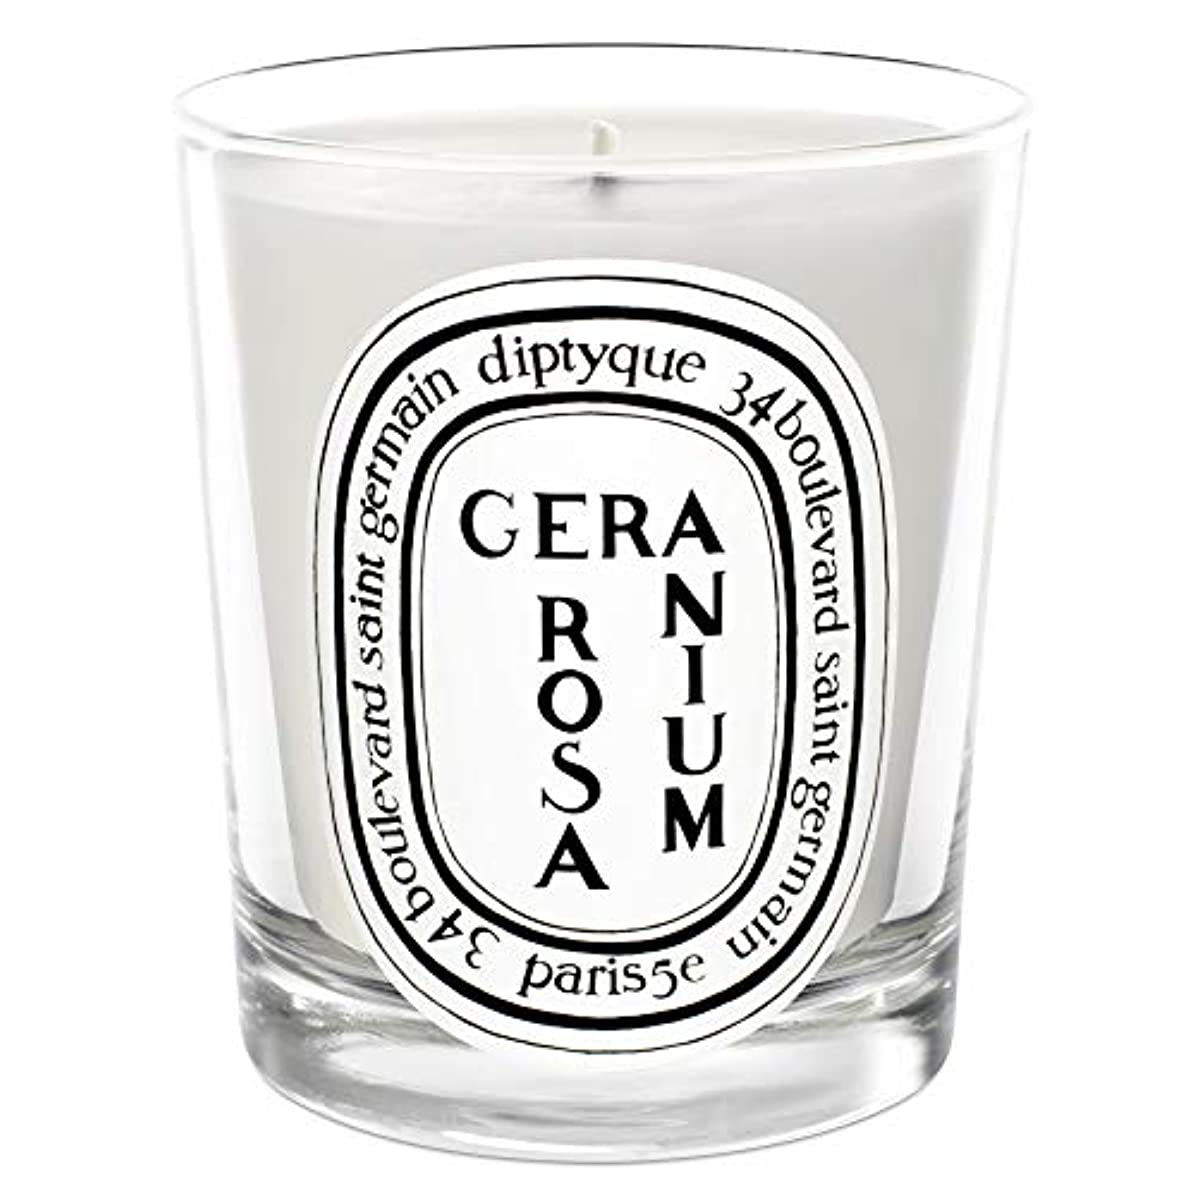 格納忘れる積極的に[Diptyque] Diptyqueゼラニウムローザ香りのキャンドル190グラム - Diptyque Geranium Rosa Scented Candle 190g [並行輸入品]